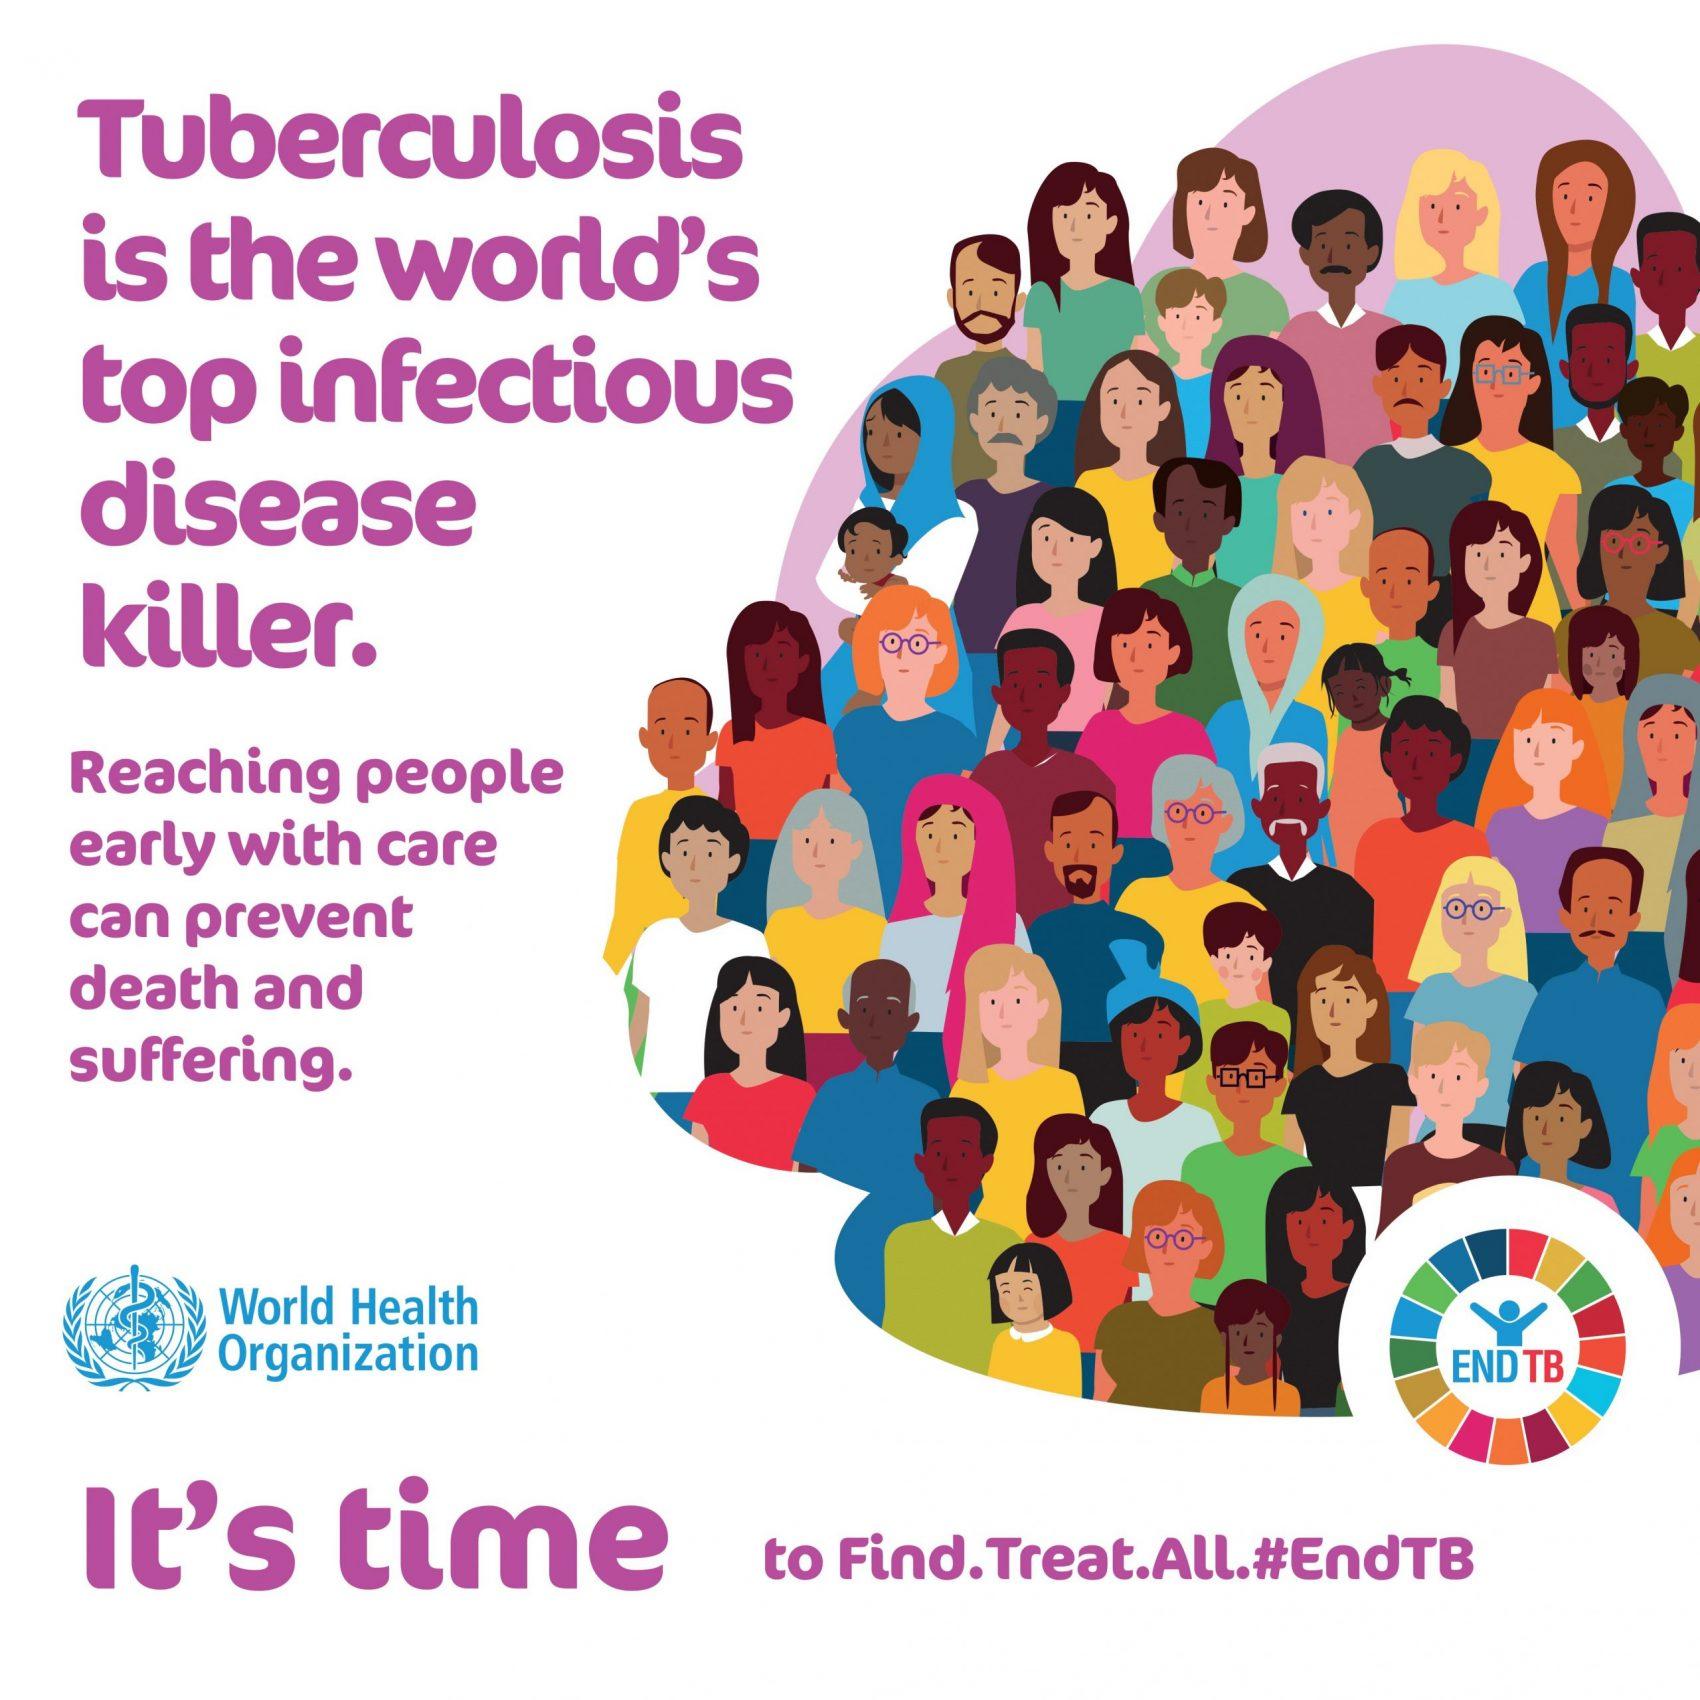 Campanha da OMS para o Dia Mundial da Tuberculose 2020: doença infeciosa mais letal do mundo (Foto: Reprodução)